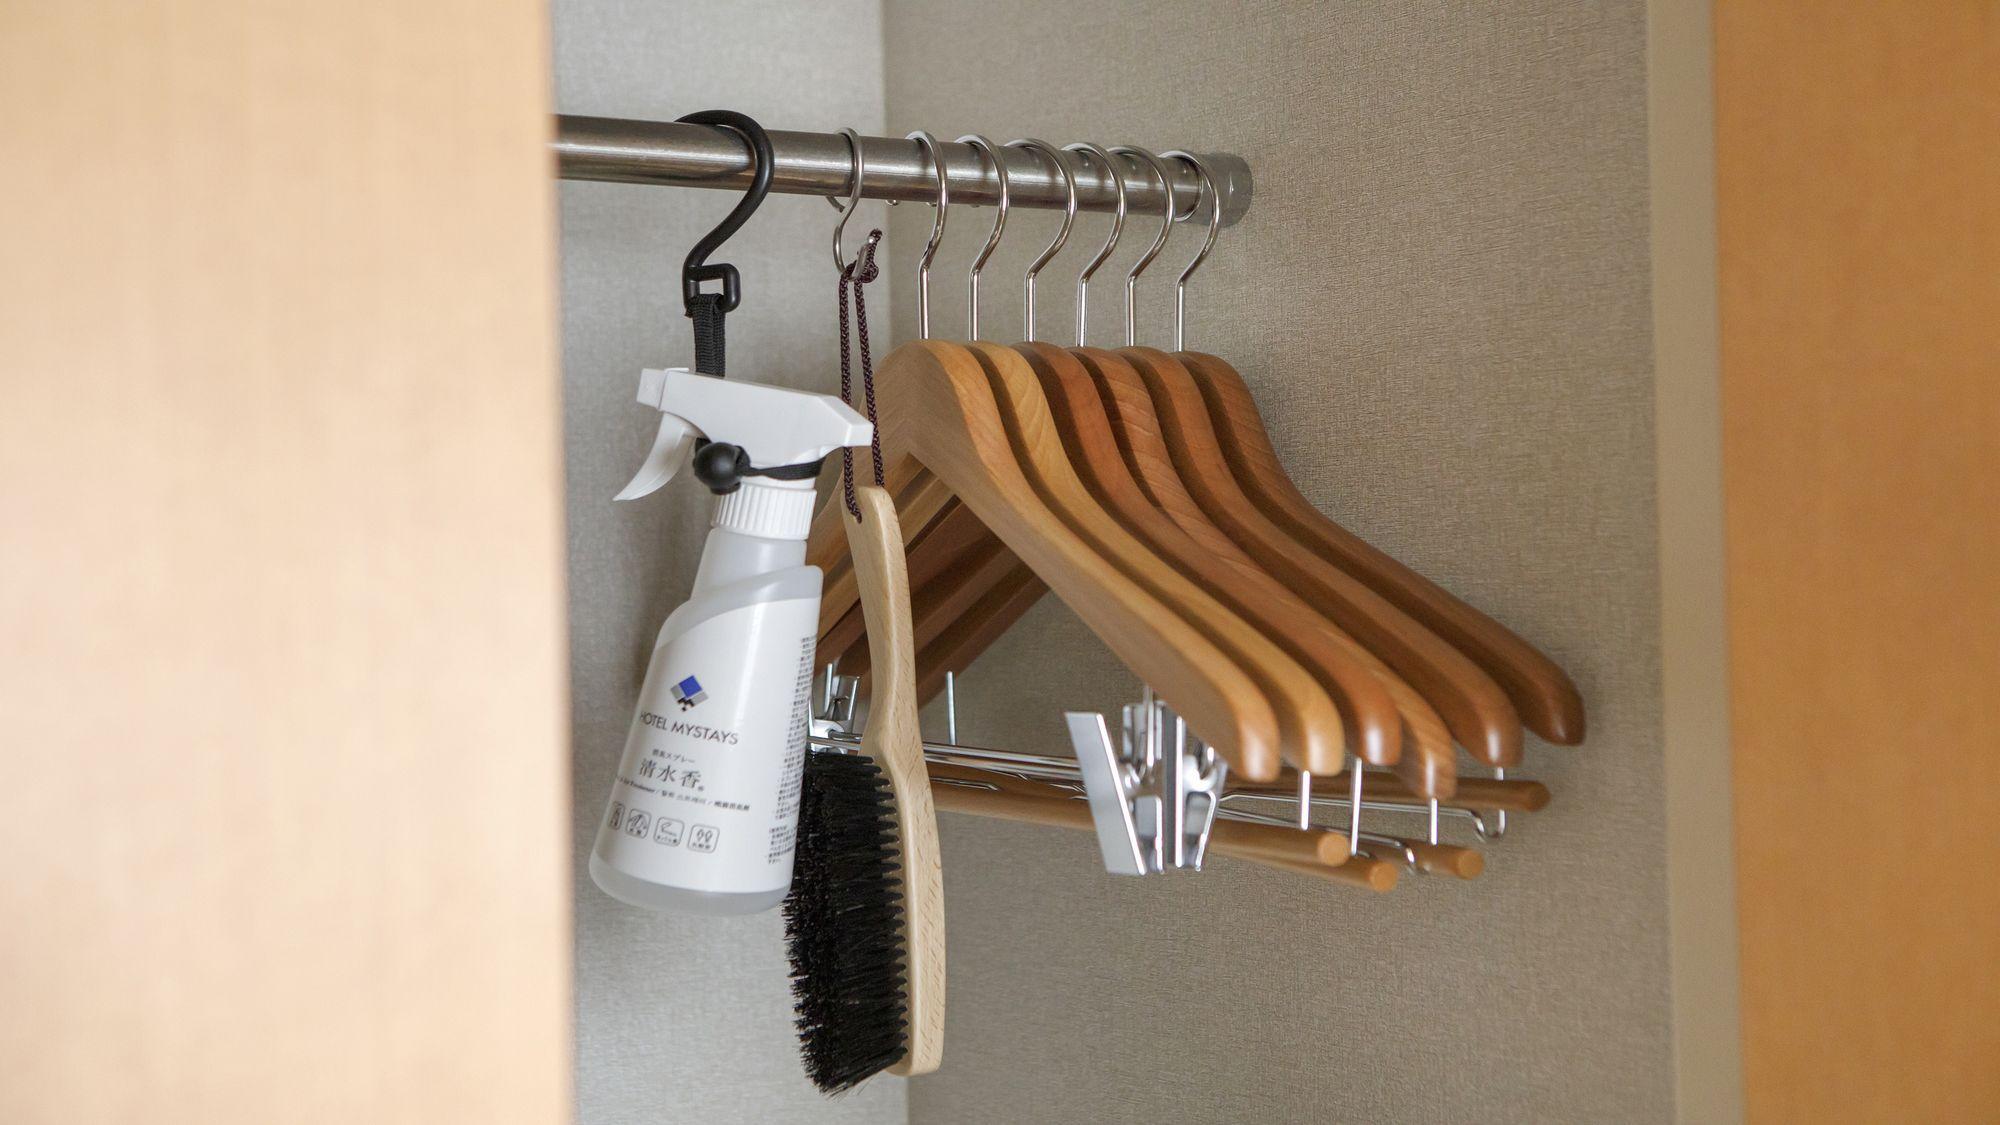 客室備品 消臭スプレー